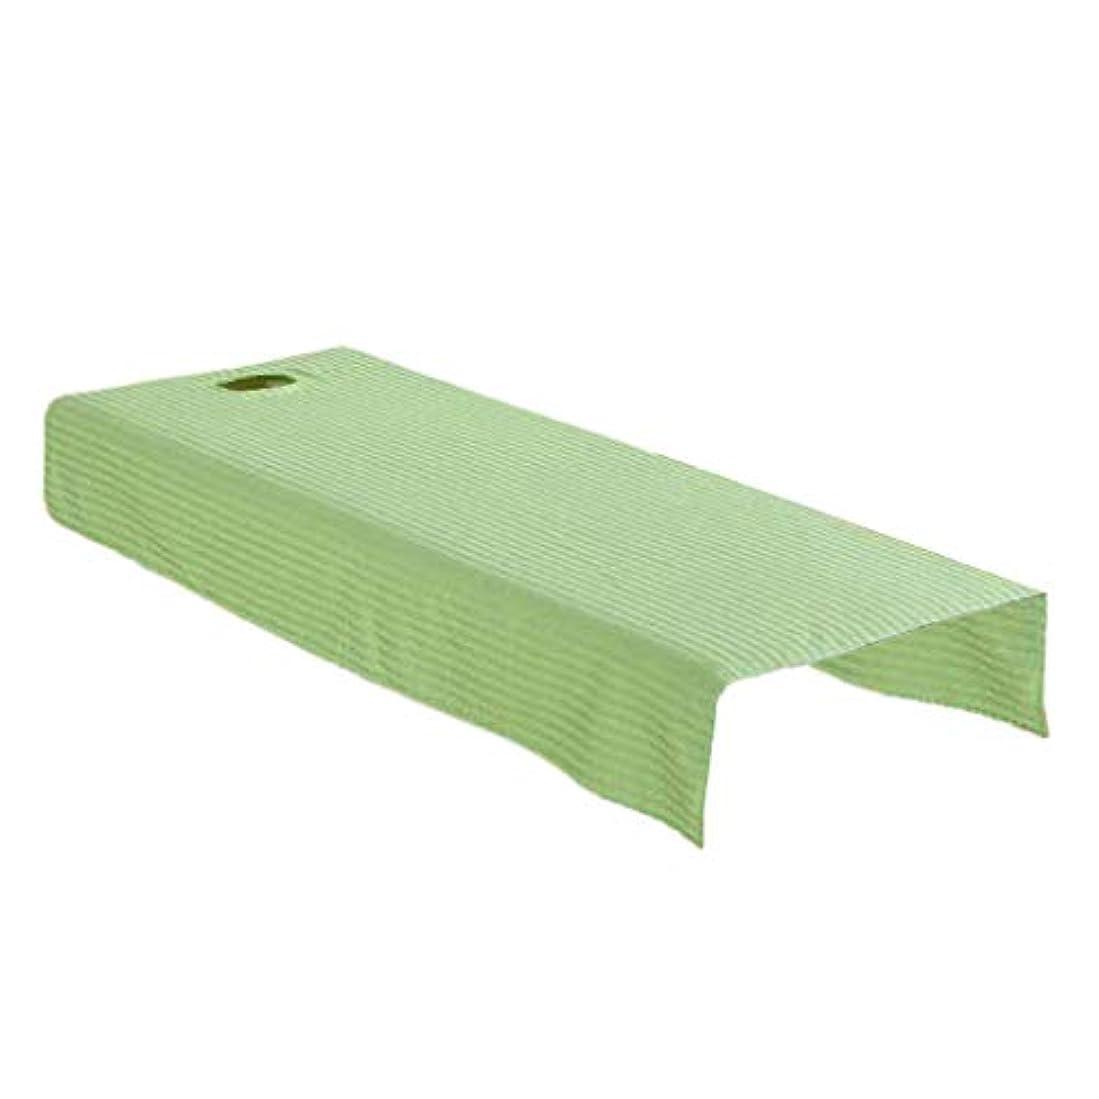 避難する鼻ベックスマッサージテーブル カバー 有孔 ビューティーシート ソフト ノンスティック 快適 全2サイズ - 80x190cm